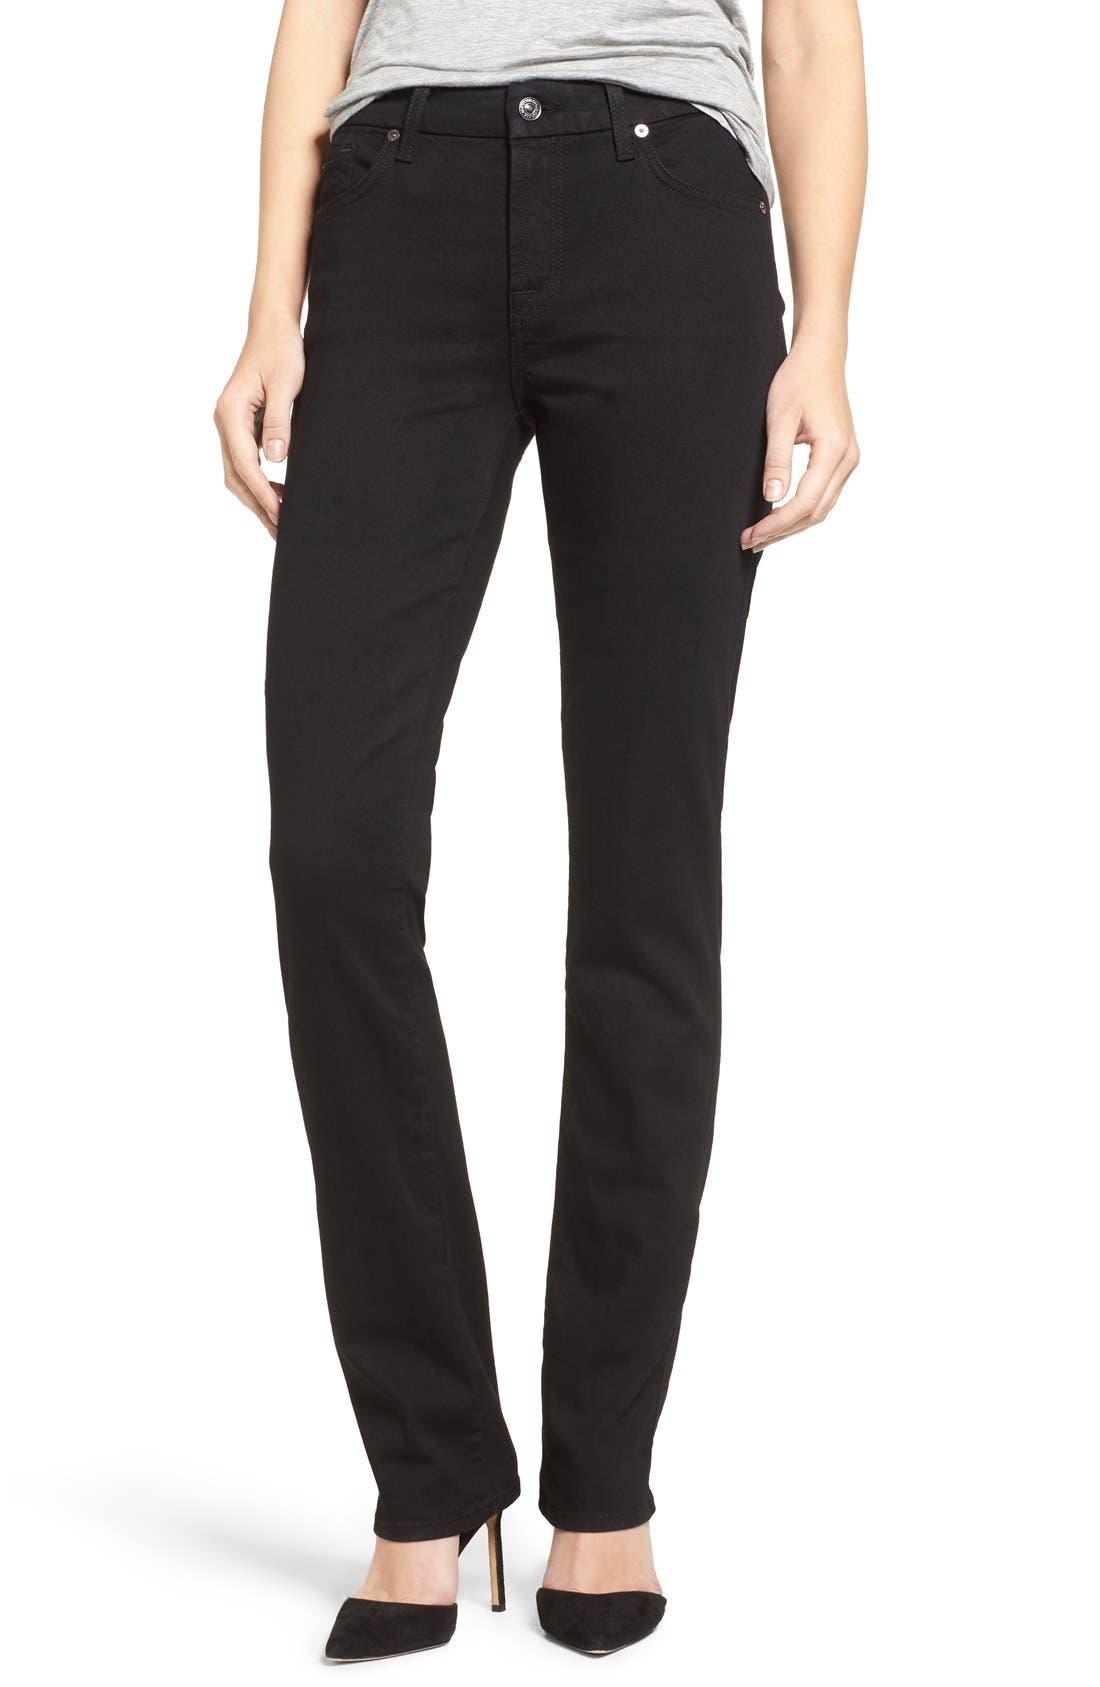 'b(air) - Kimmie' Straight Leg Jeans,                         Main,                         color, Bair Black